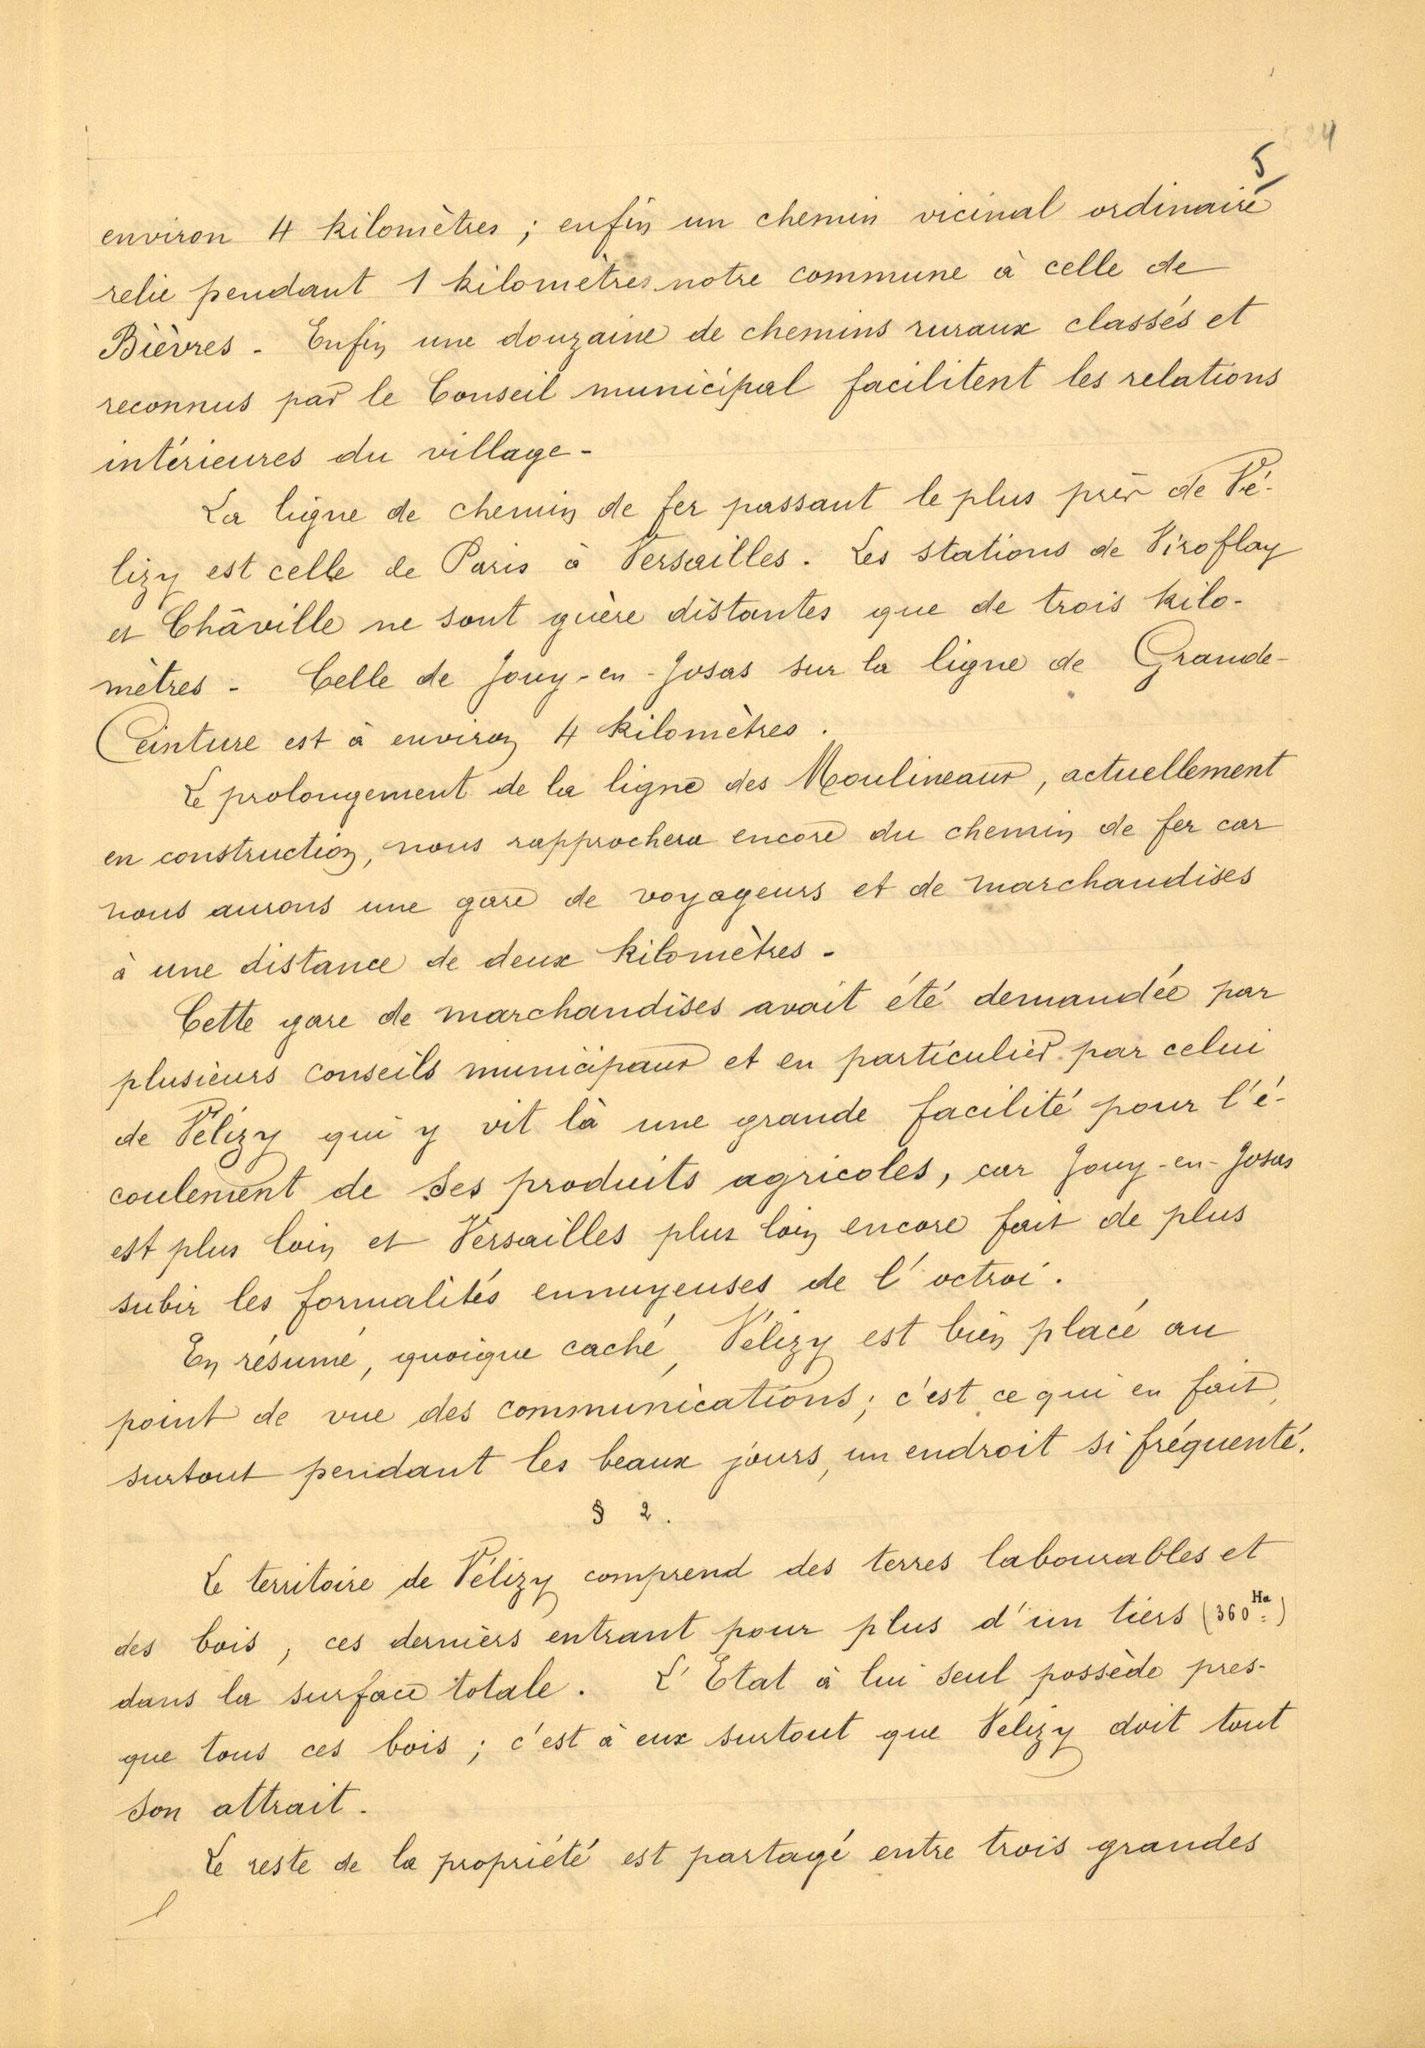 Page 5 - Monographie communale de l'instituteur de Vélizy, 1899